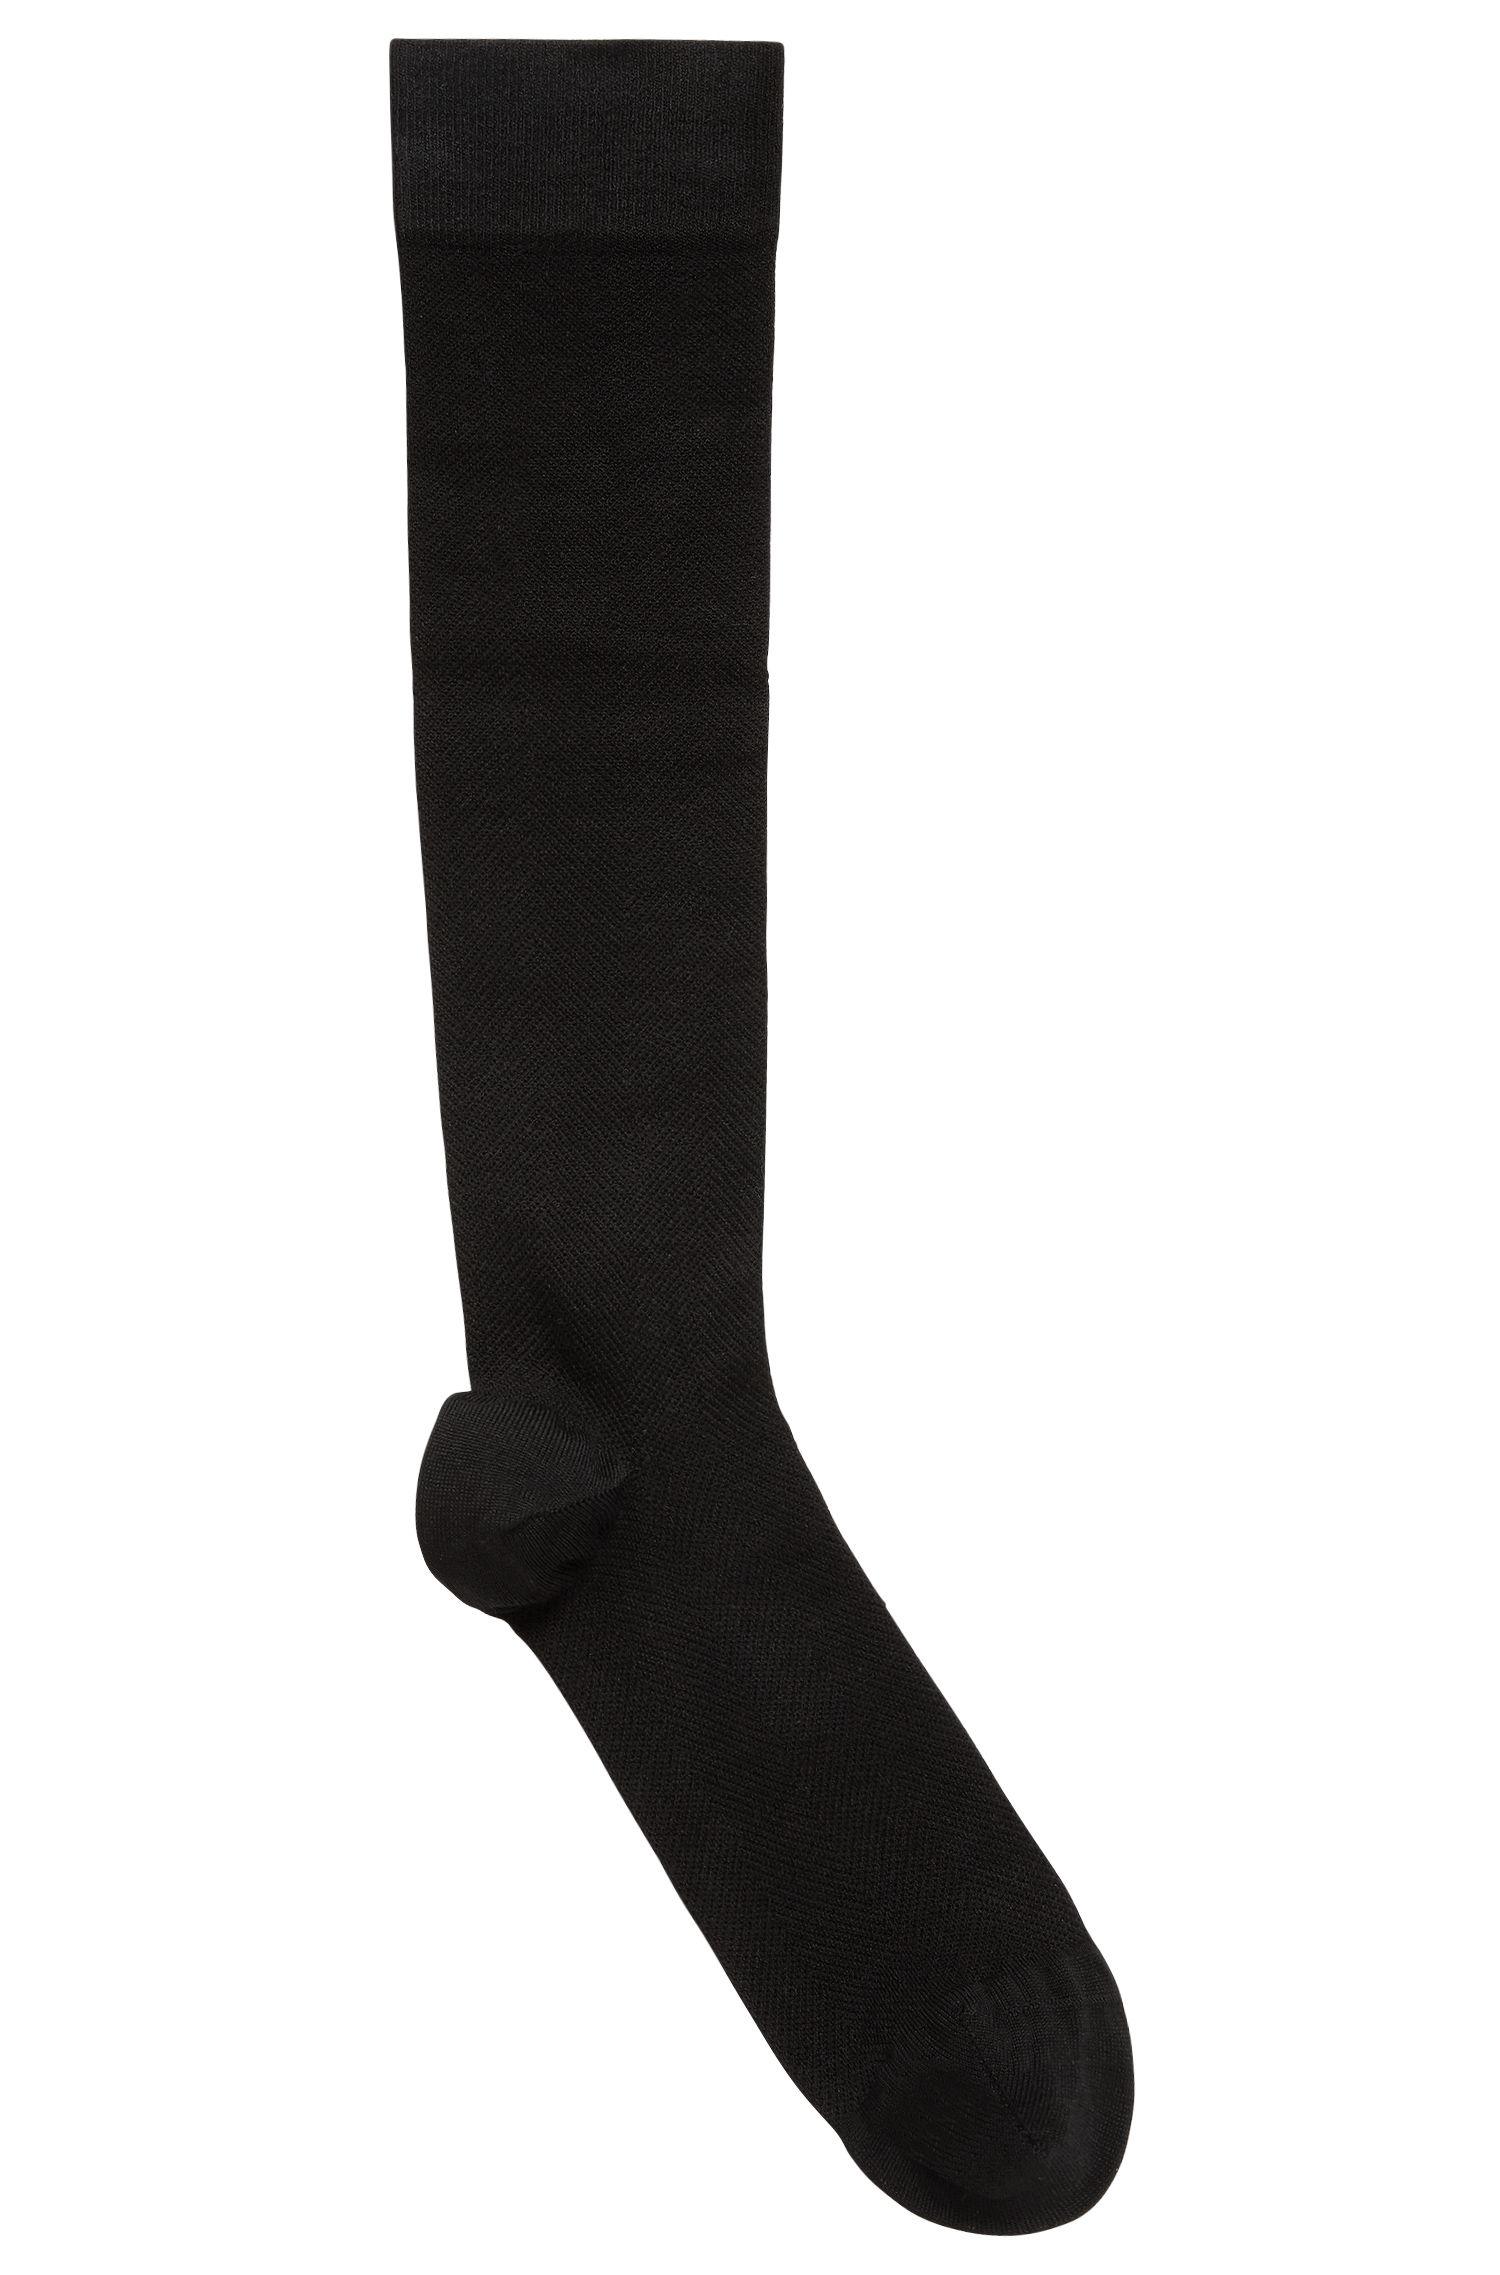 Calcetines técnicos de compresión hasta la rodilla